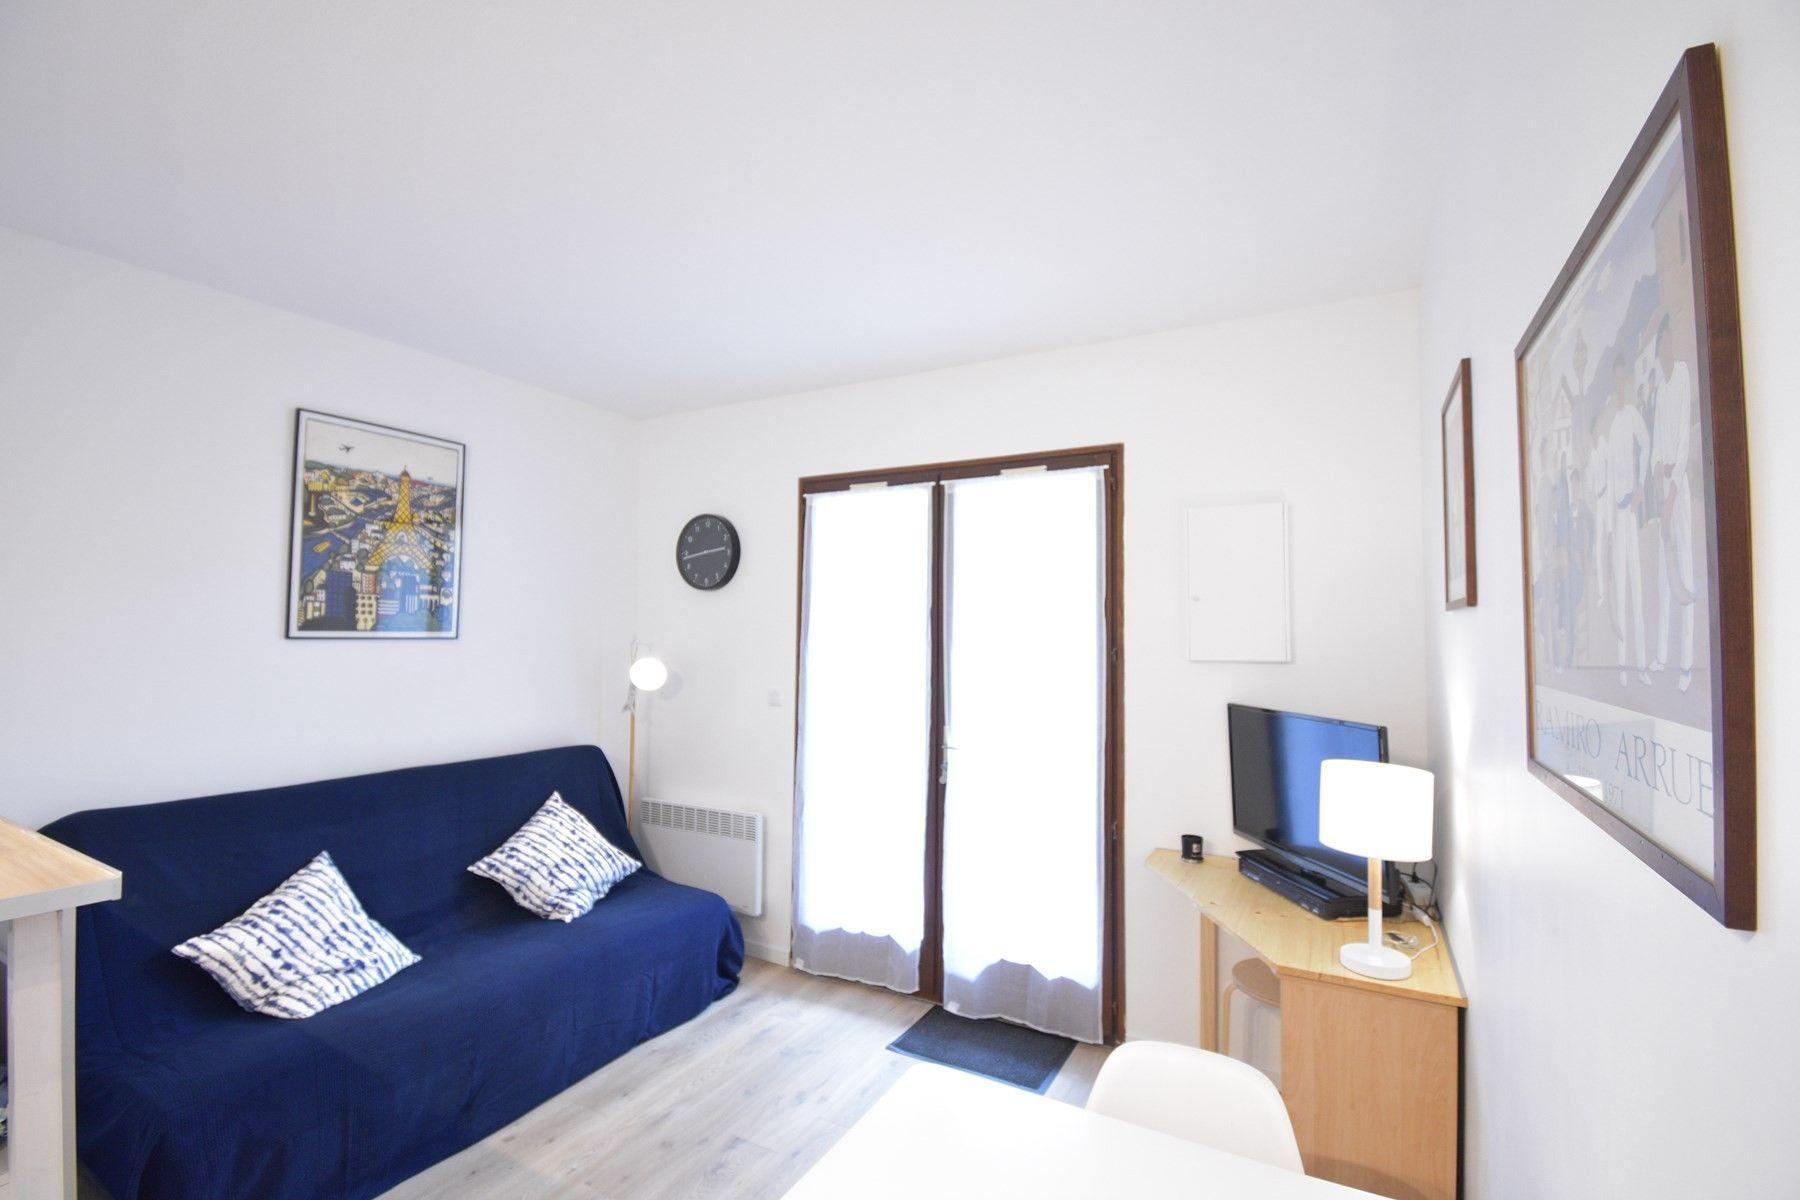 Holiday rental apartment  in Capbreton